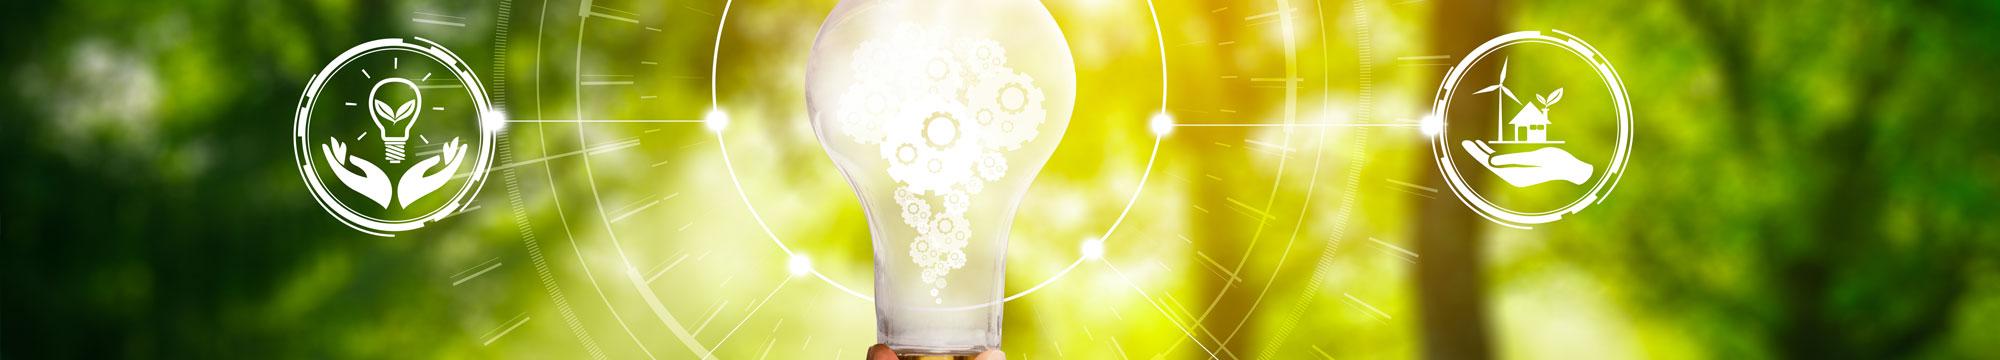 Què és la inversió sostenible i per què és un bon moment per invertir?